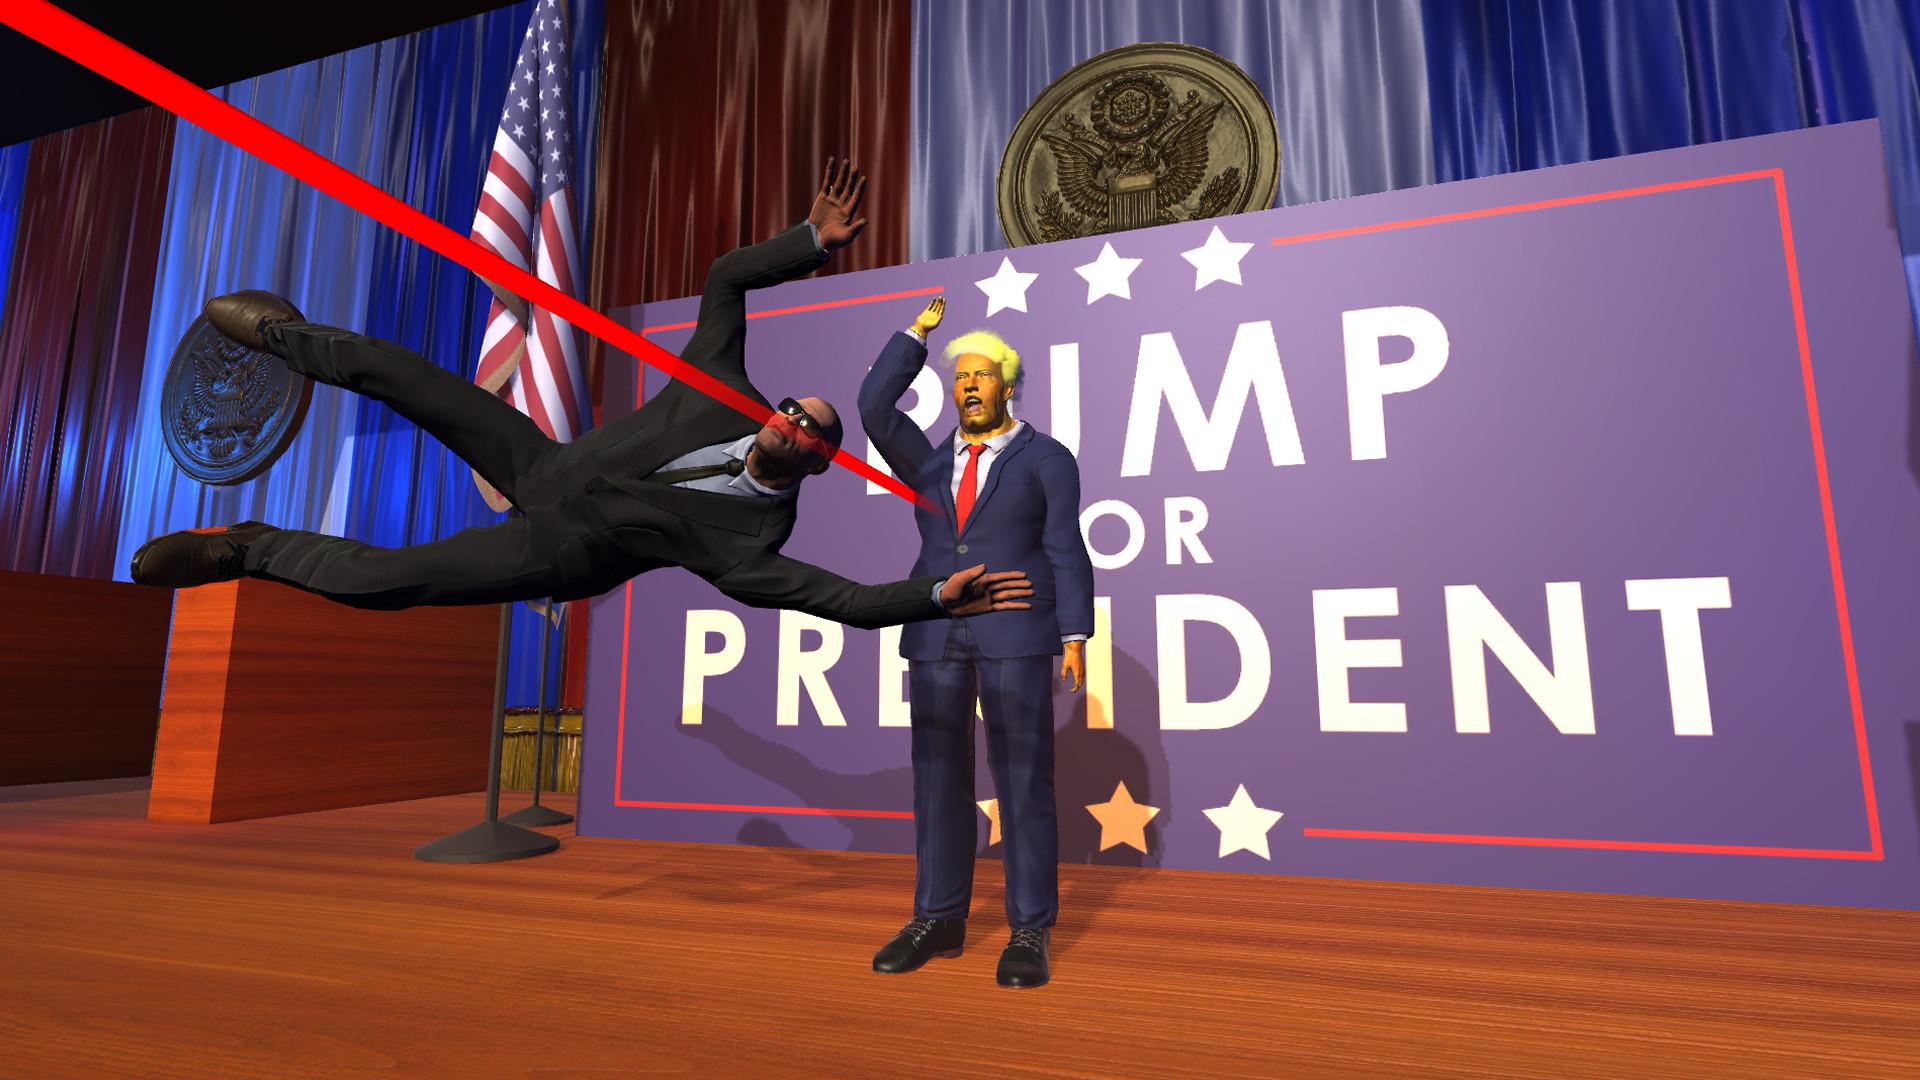 Mr_President